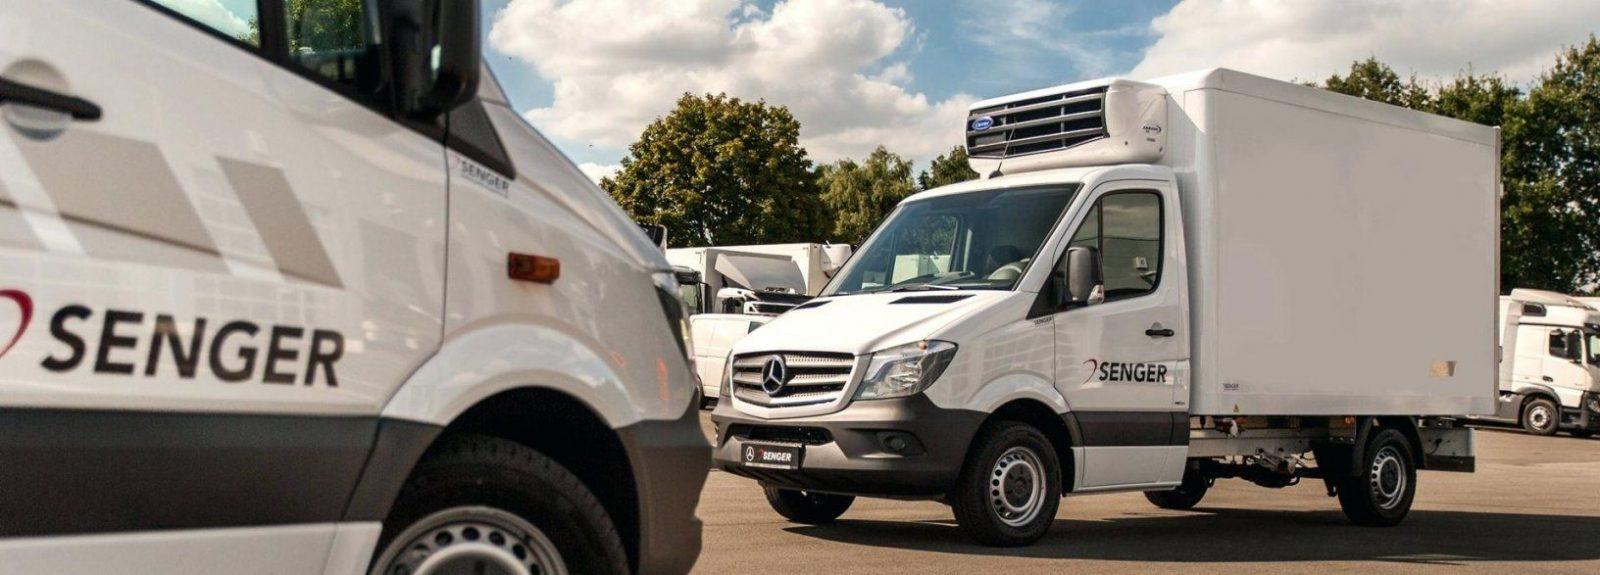 Transporter Mieten Erfurt Umzug Leicht Gemacht Transporter Mieten von Transporter Bei Obi Mieten Bild